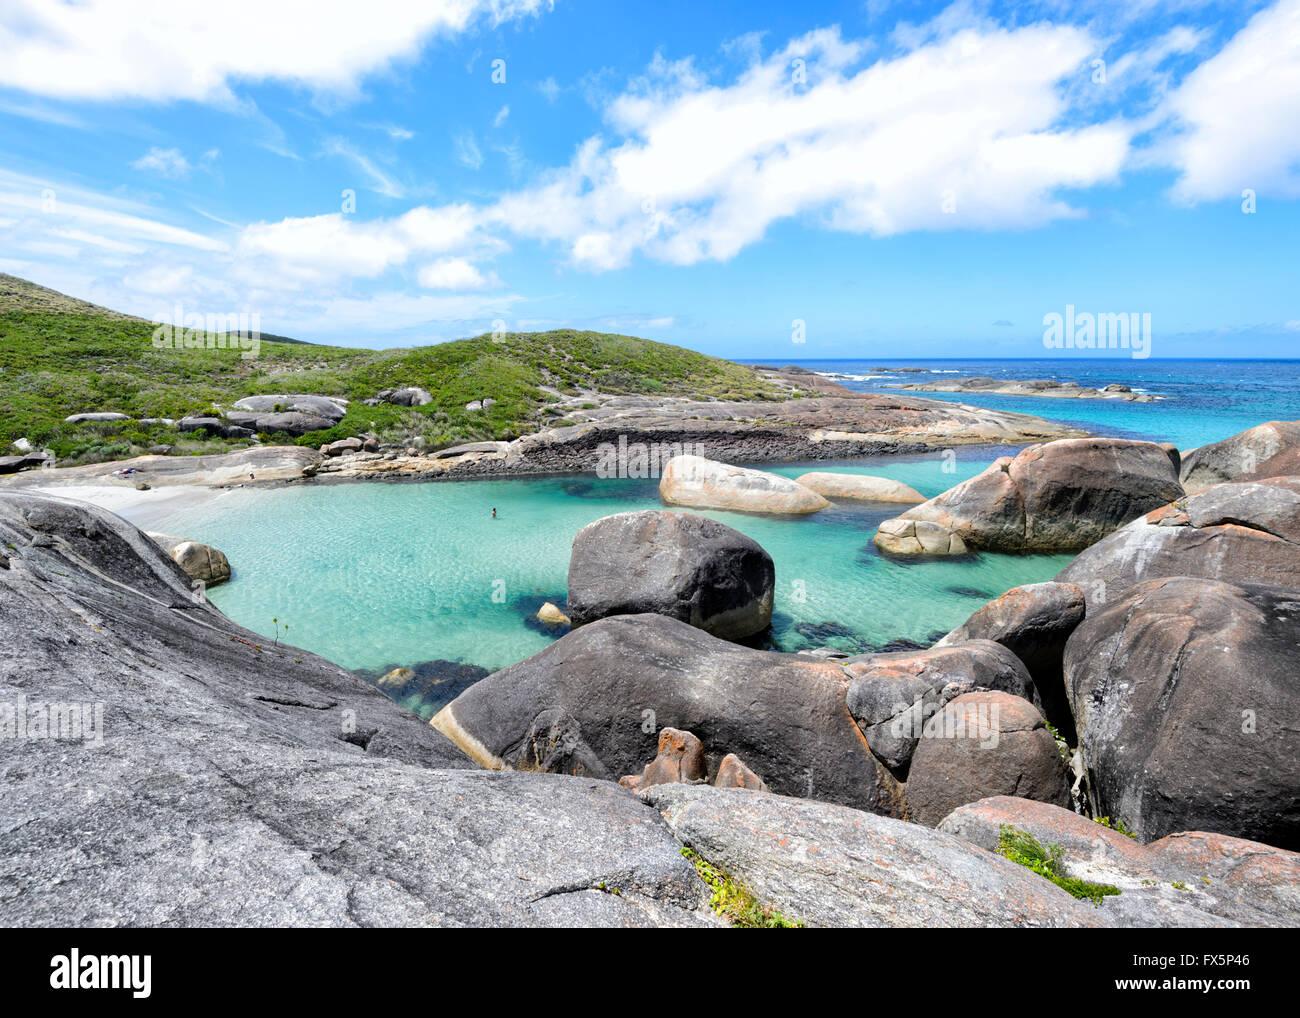 Elefant Cove, Denmark, Westaustralien, WA, Australien Stockbild